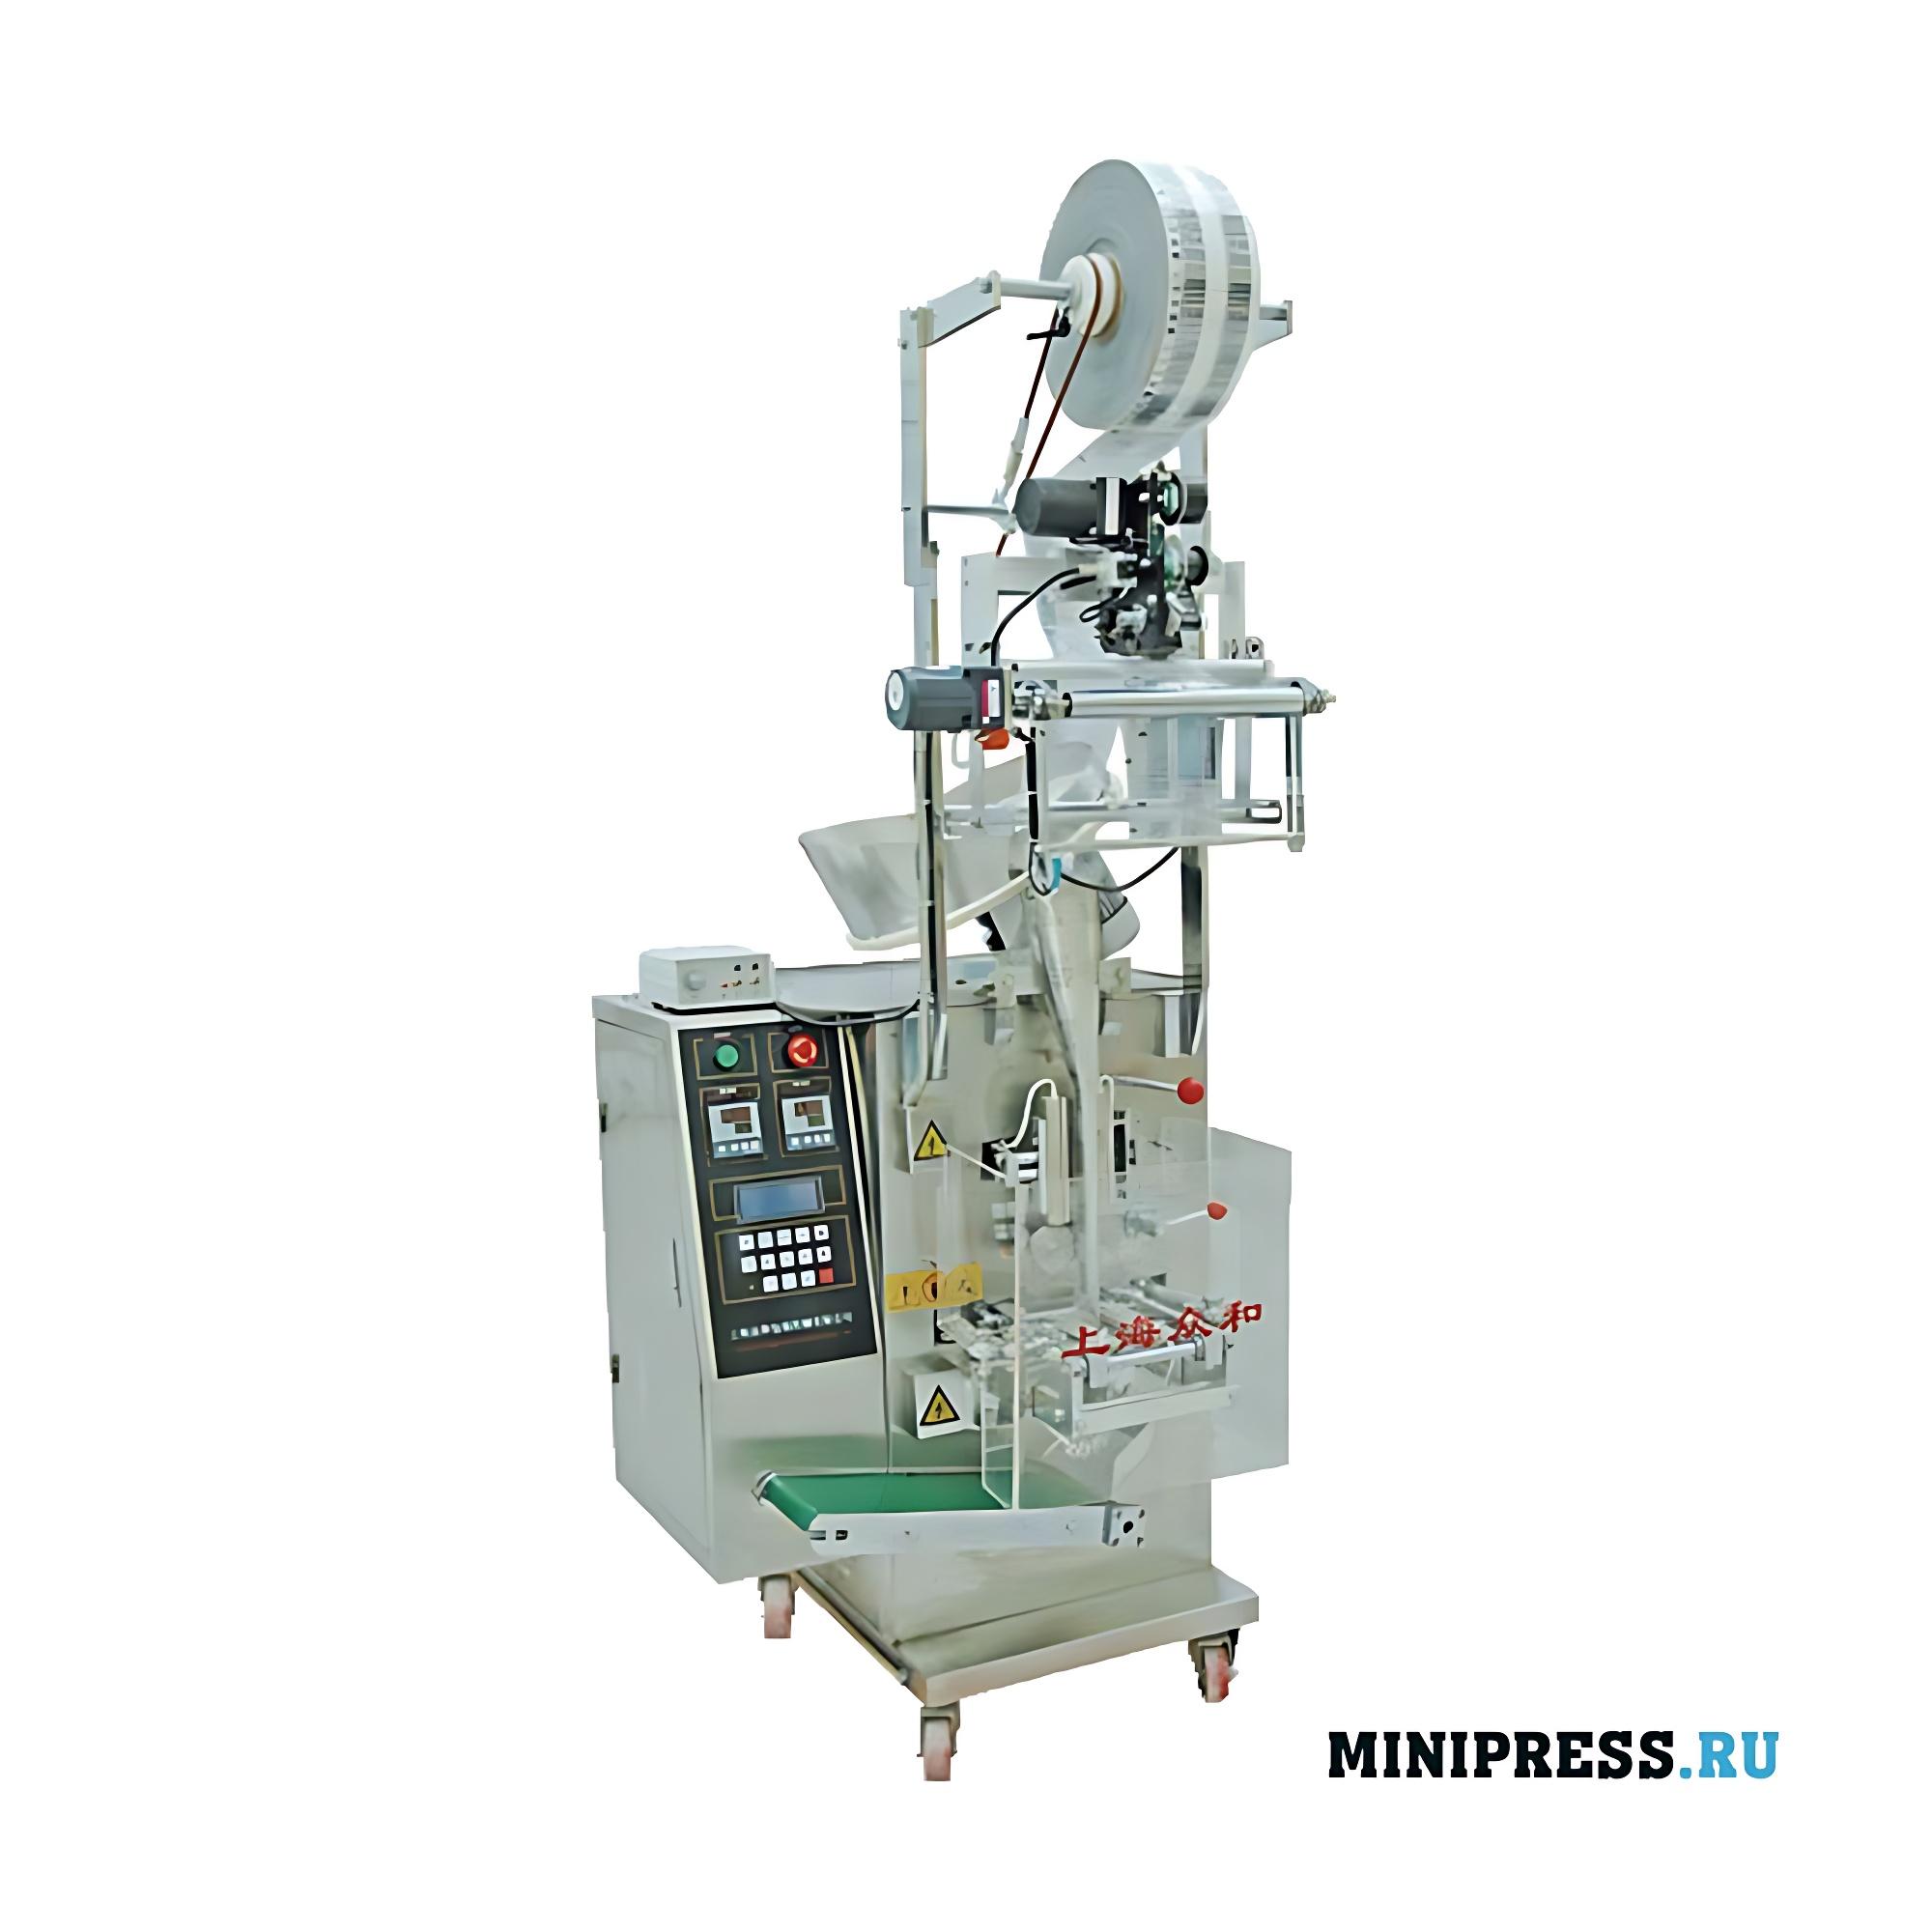 Автоматическое оборудование для упаковки твердых продуктов